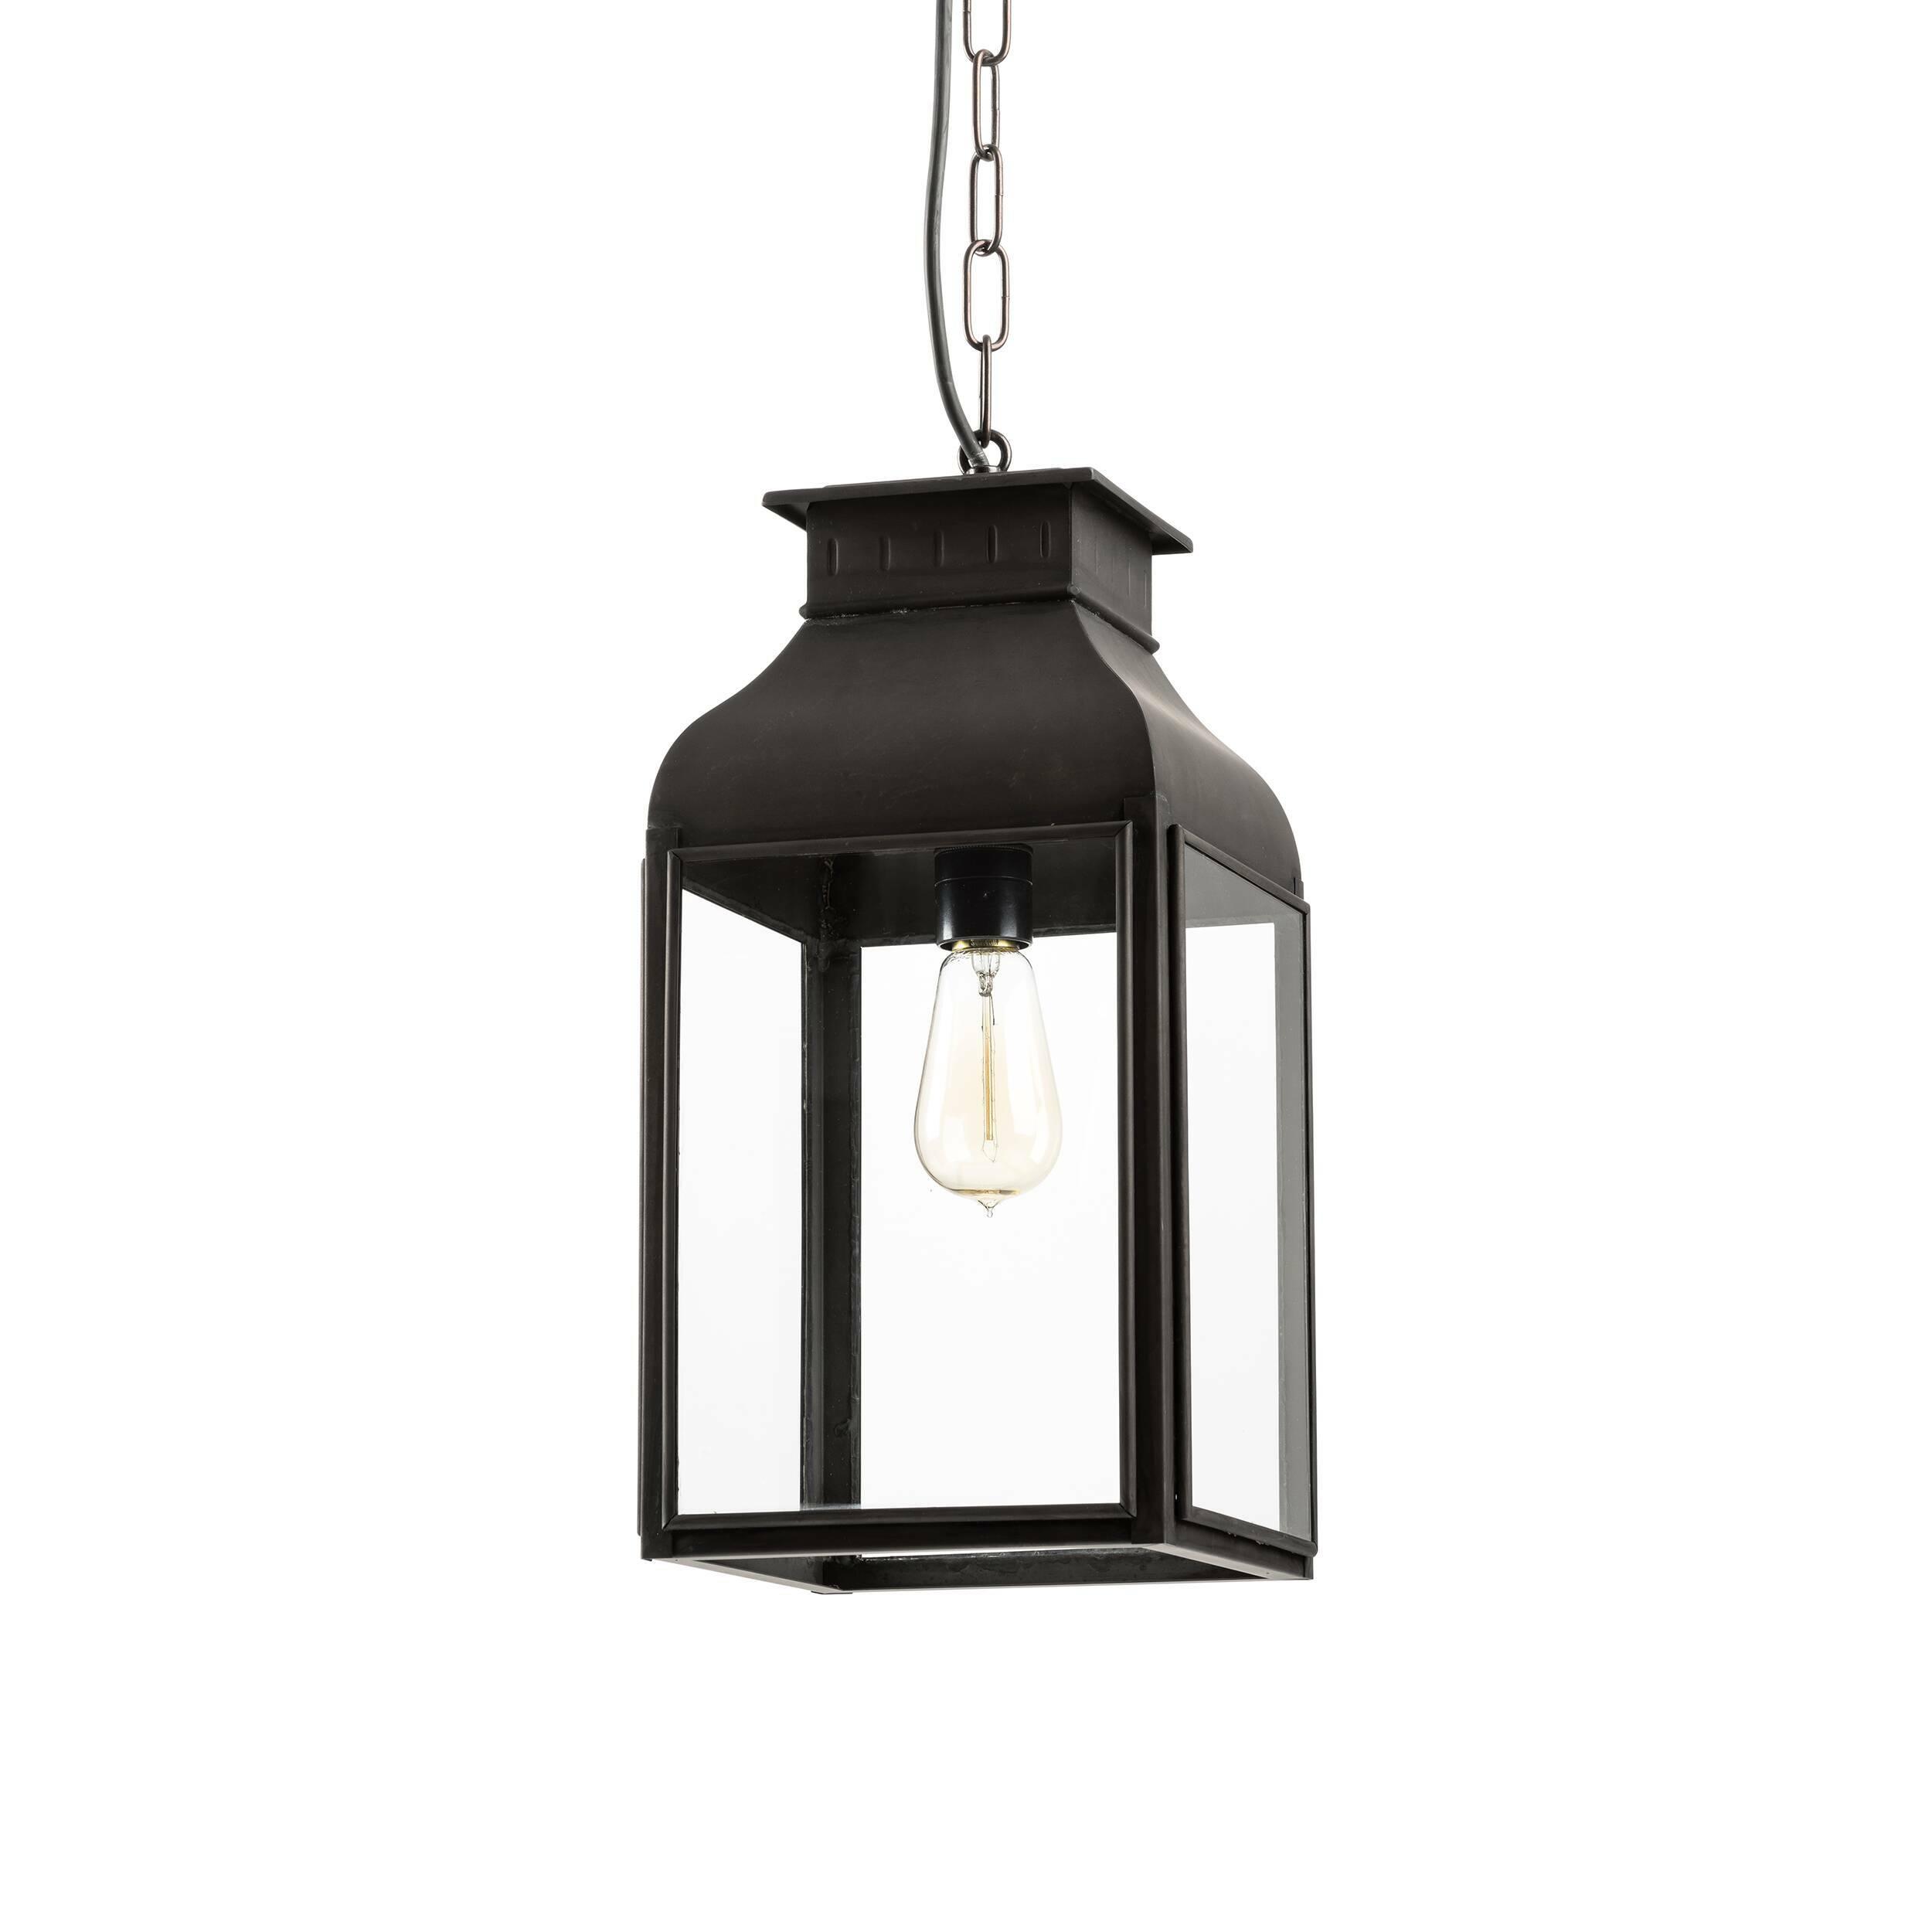 Подвесной светильник Lantern светильник подвесной lantern presidential s